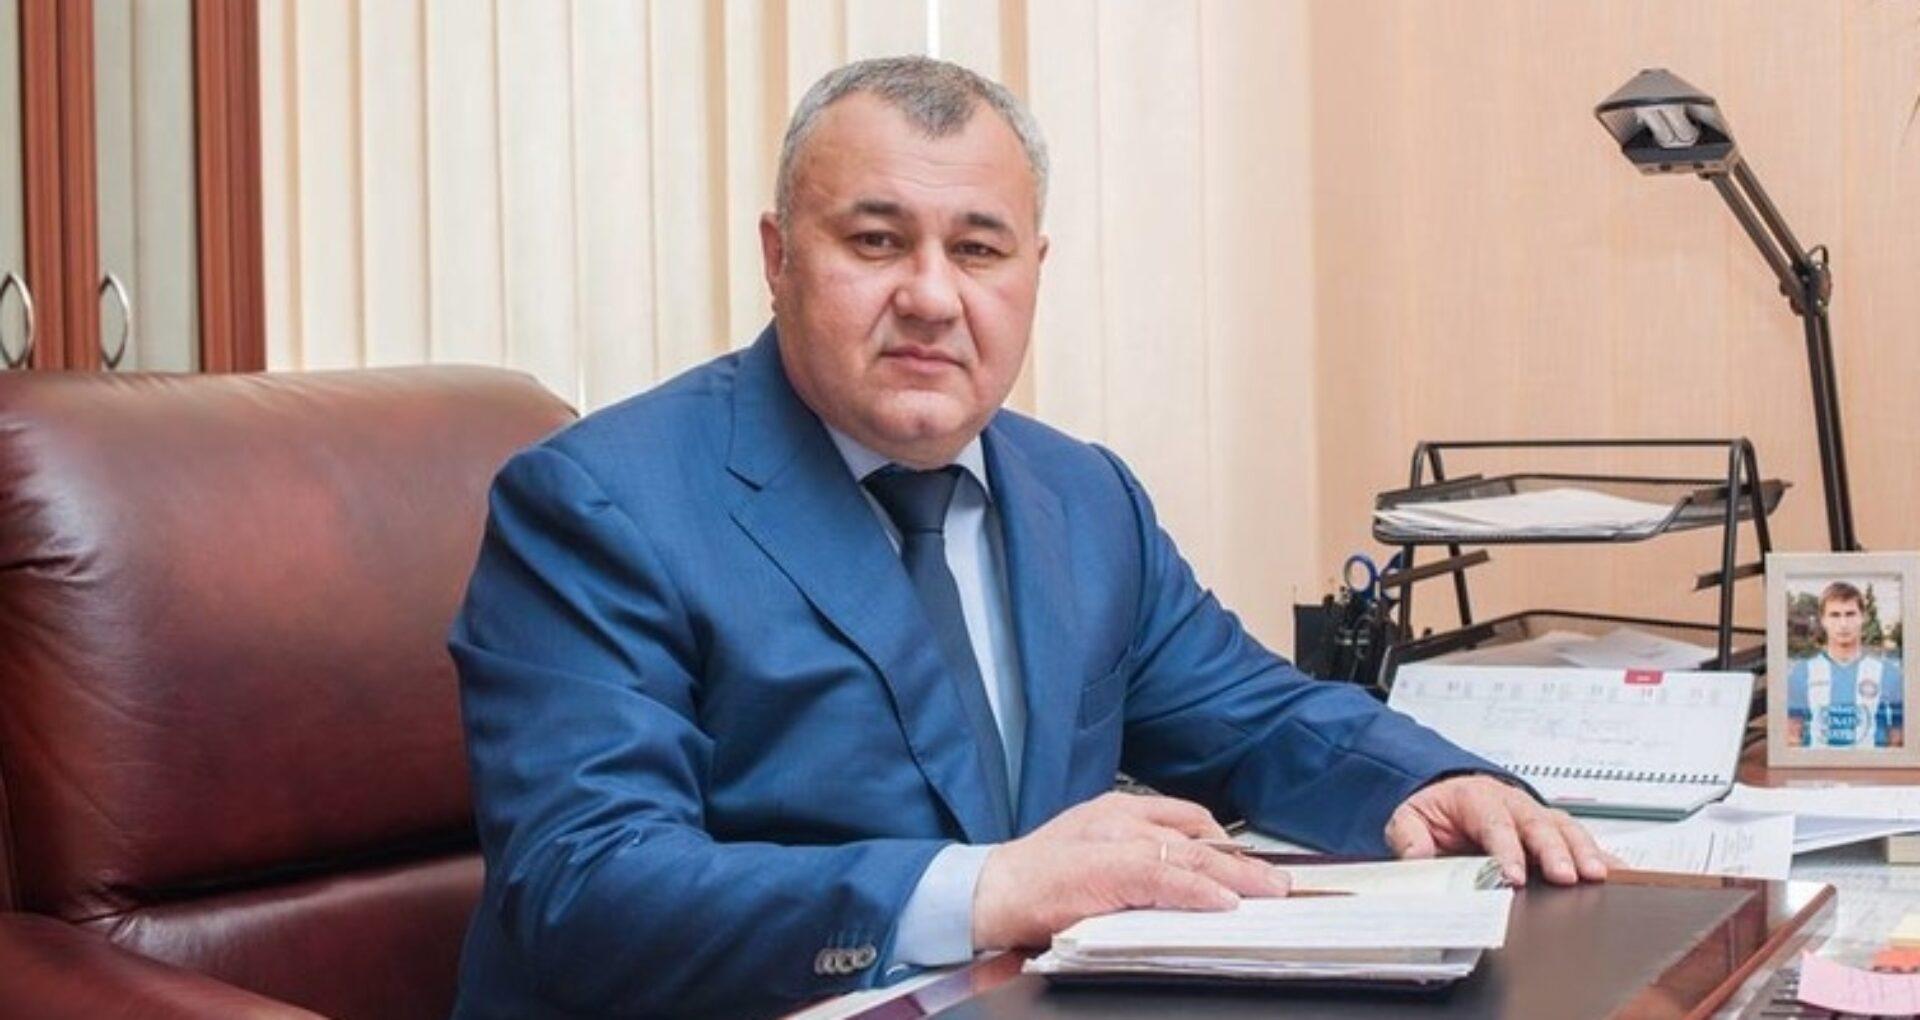 Primarul interimar al municipiului Bălți are COVID-19 și a fost internat în spital. Cine îl va înlocui